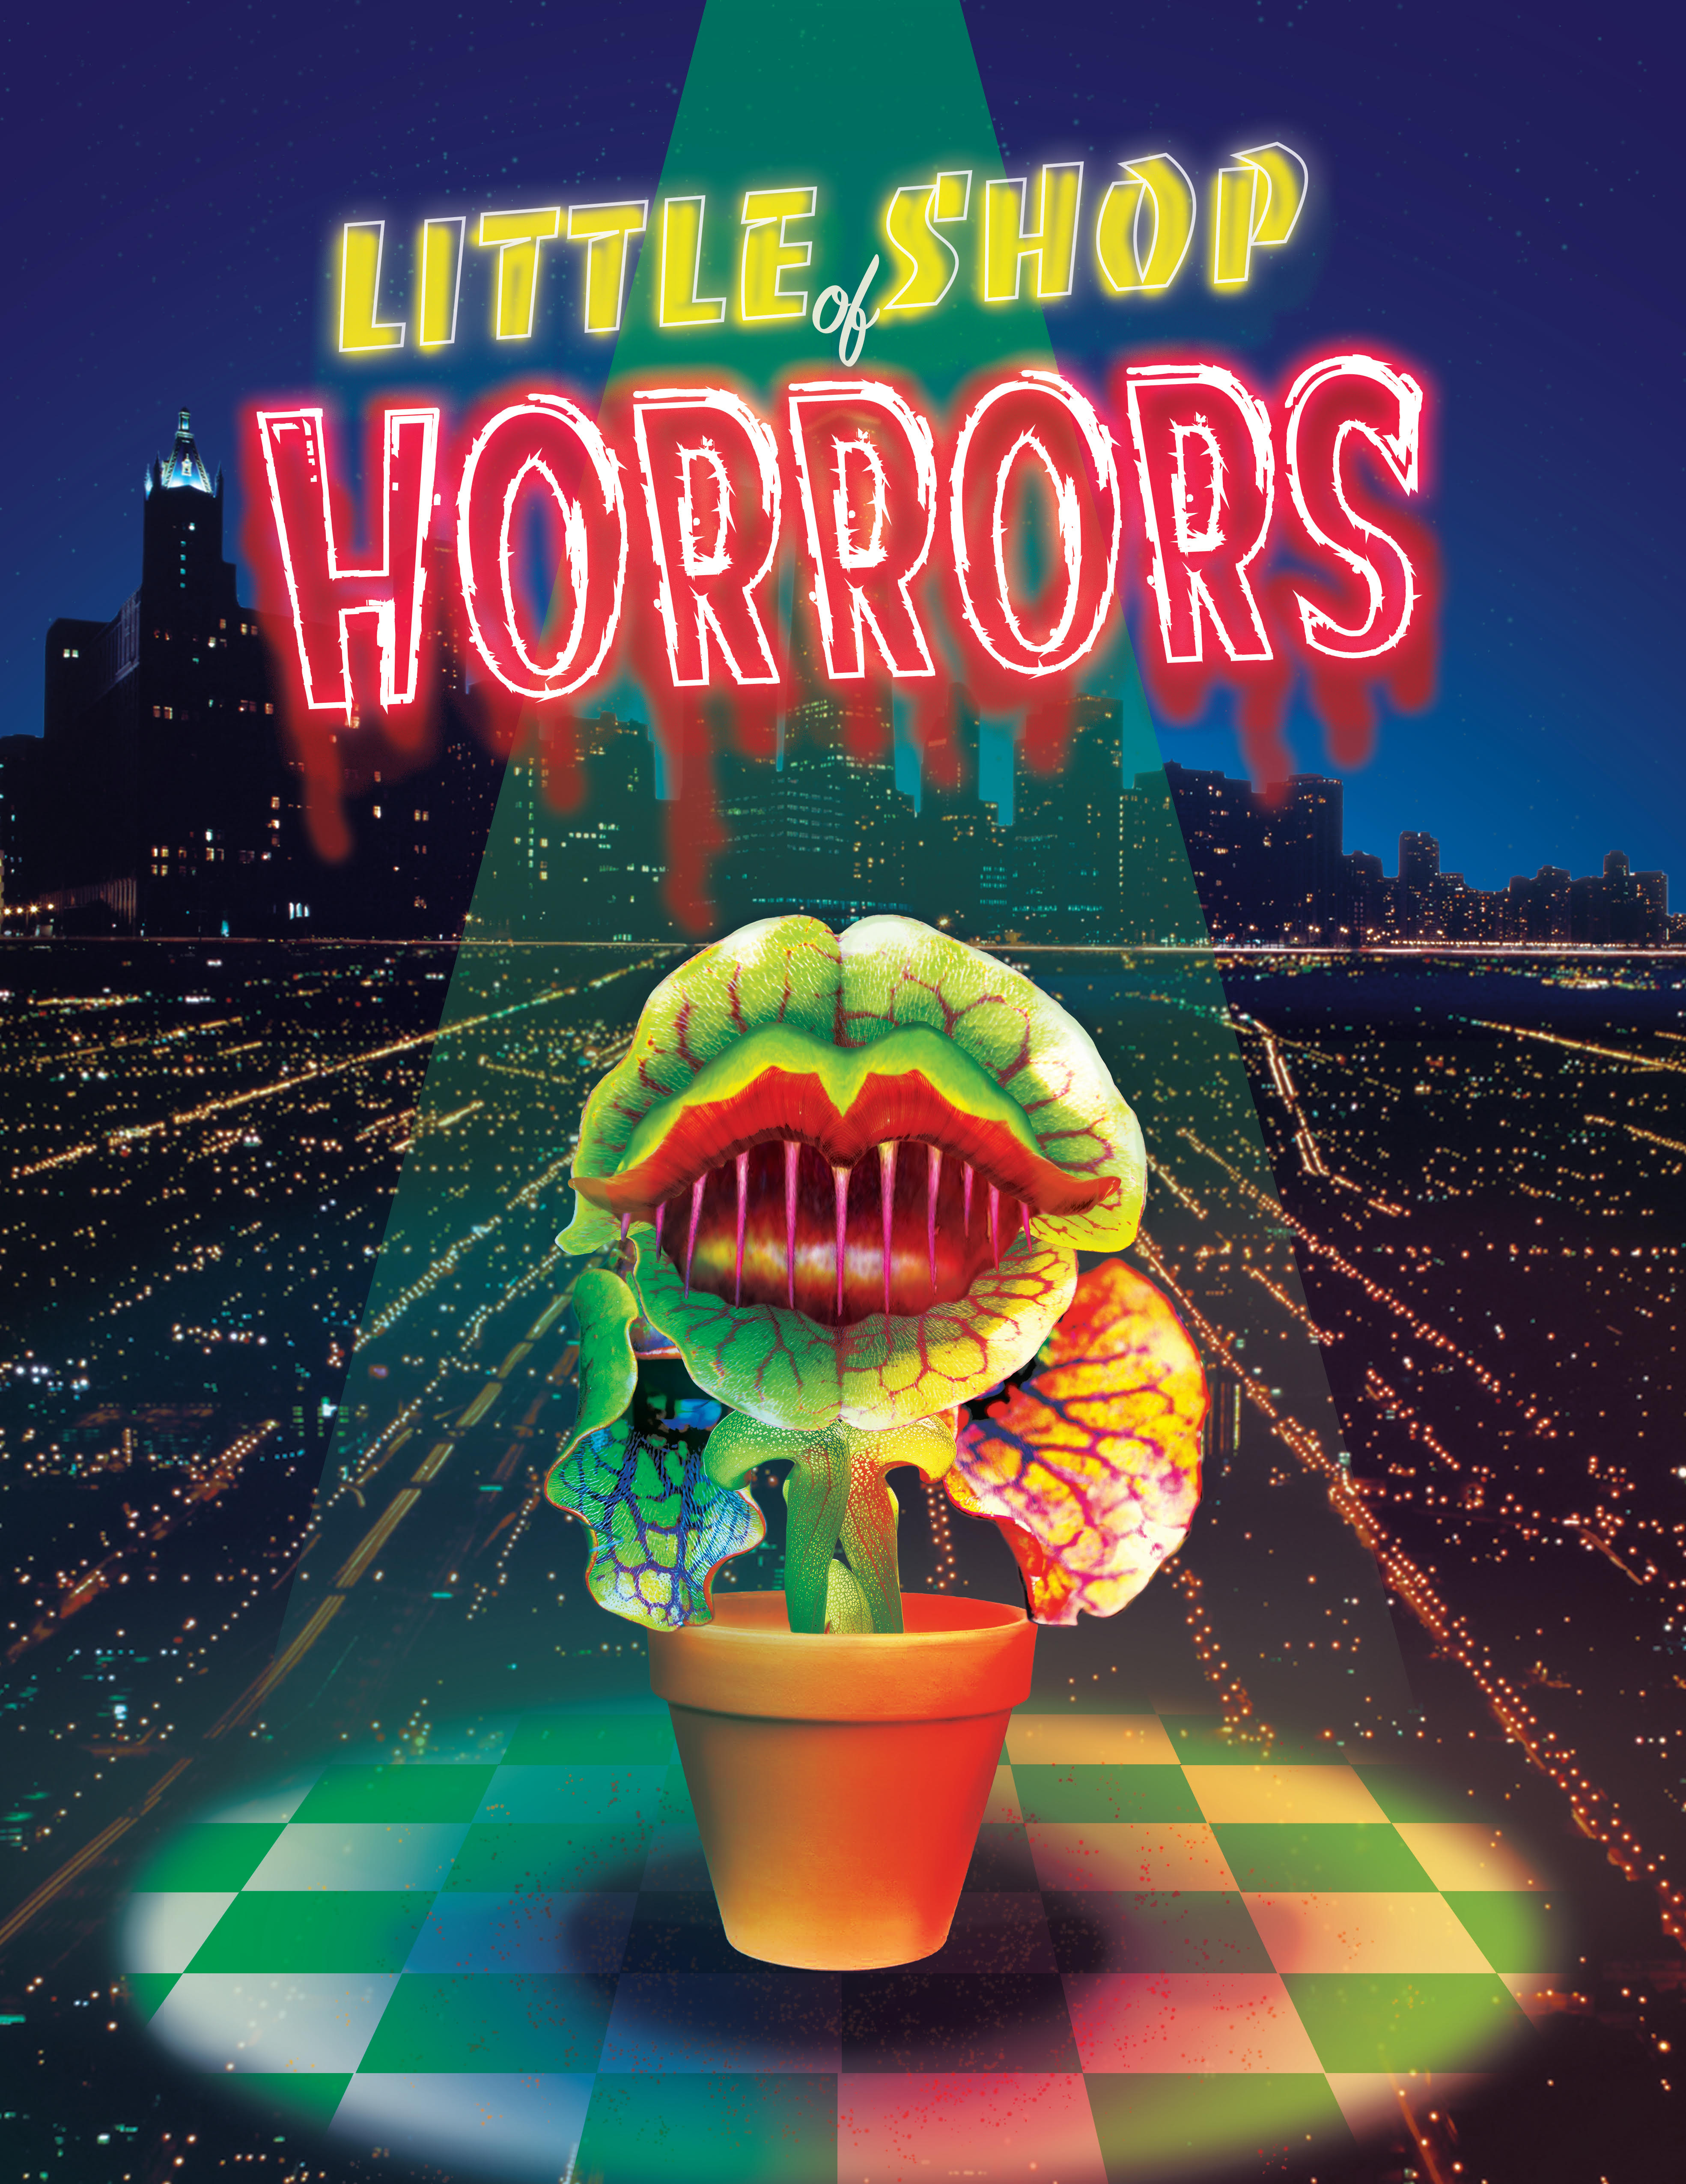 Little Shop of Horrors | Harrisonblog.com